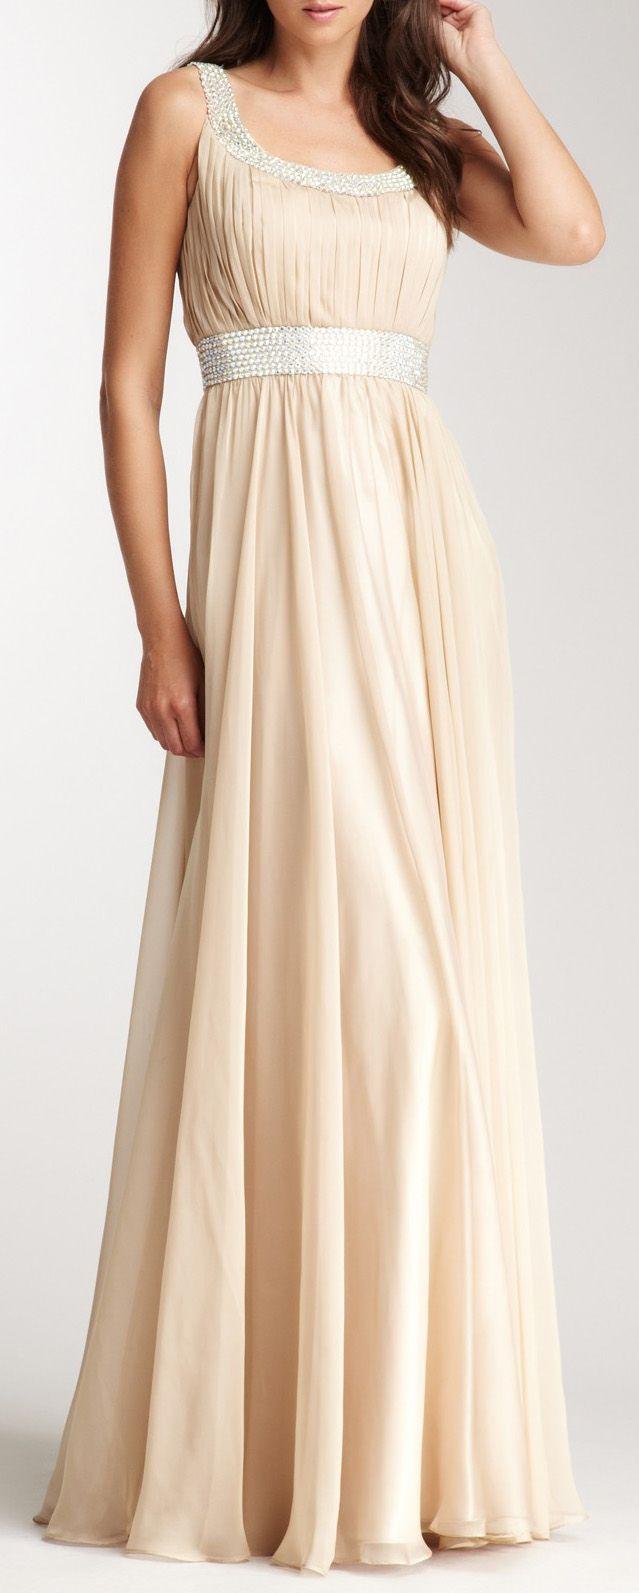 Rhinestone Encrusted Gown